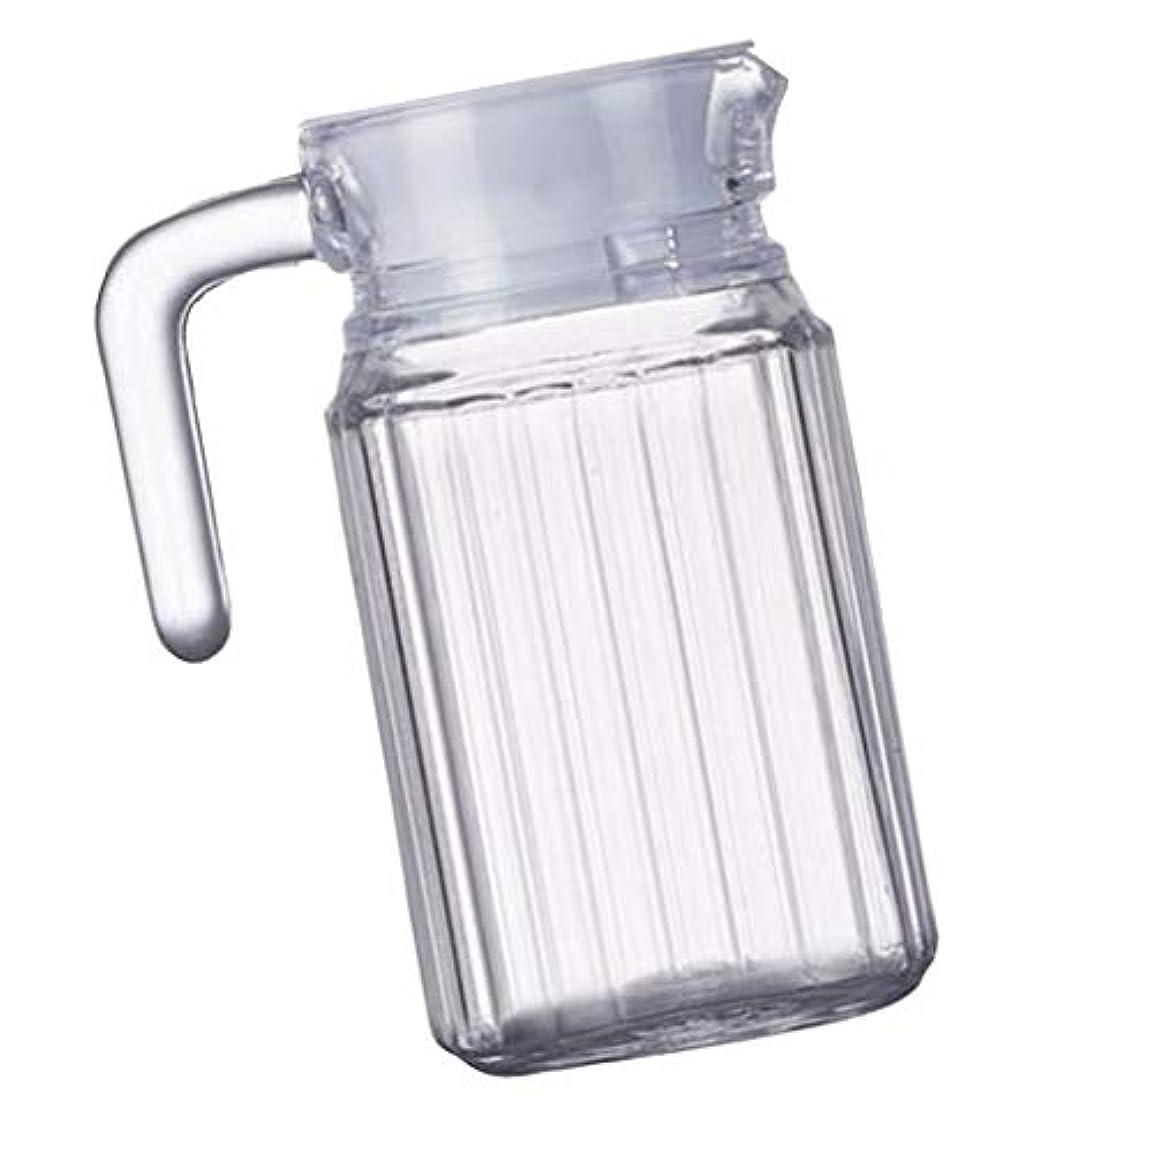 吐く起きて料理PETSOLA 冷水筒 茶ポット ウォーターピッチャー ジュースジャグ サービングジャグ 美しい瓶 多種選べる - ストライプジャグ, 500ml